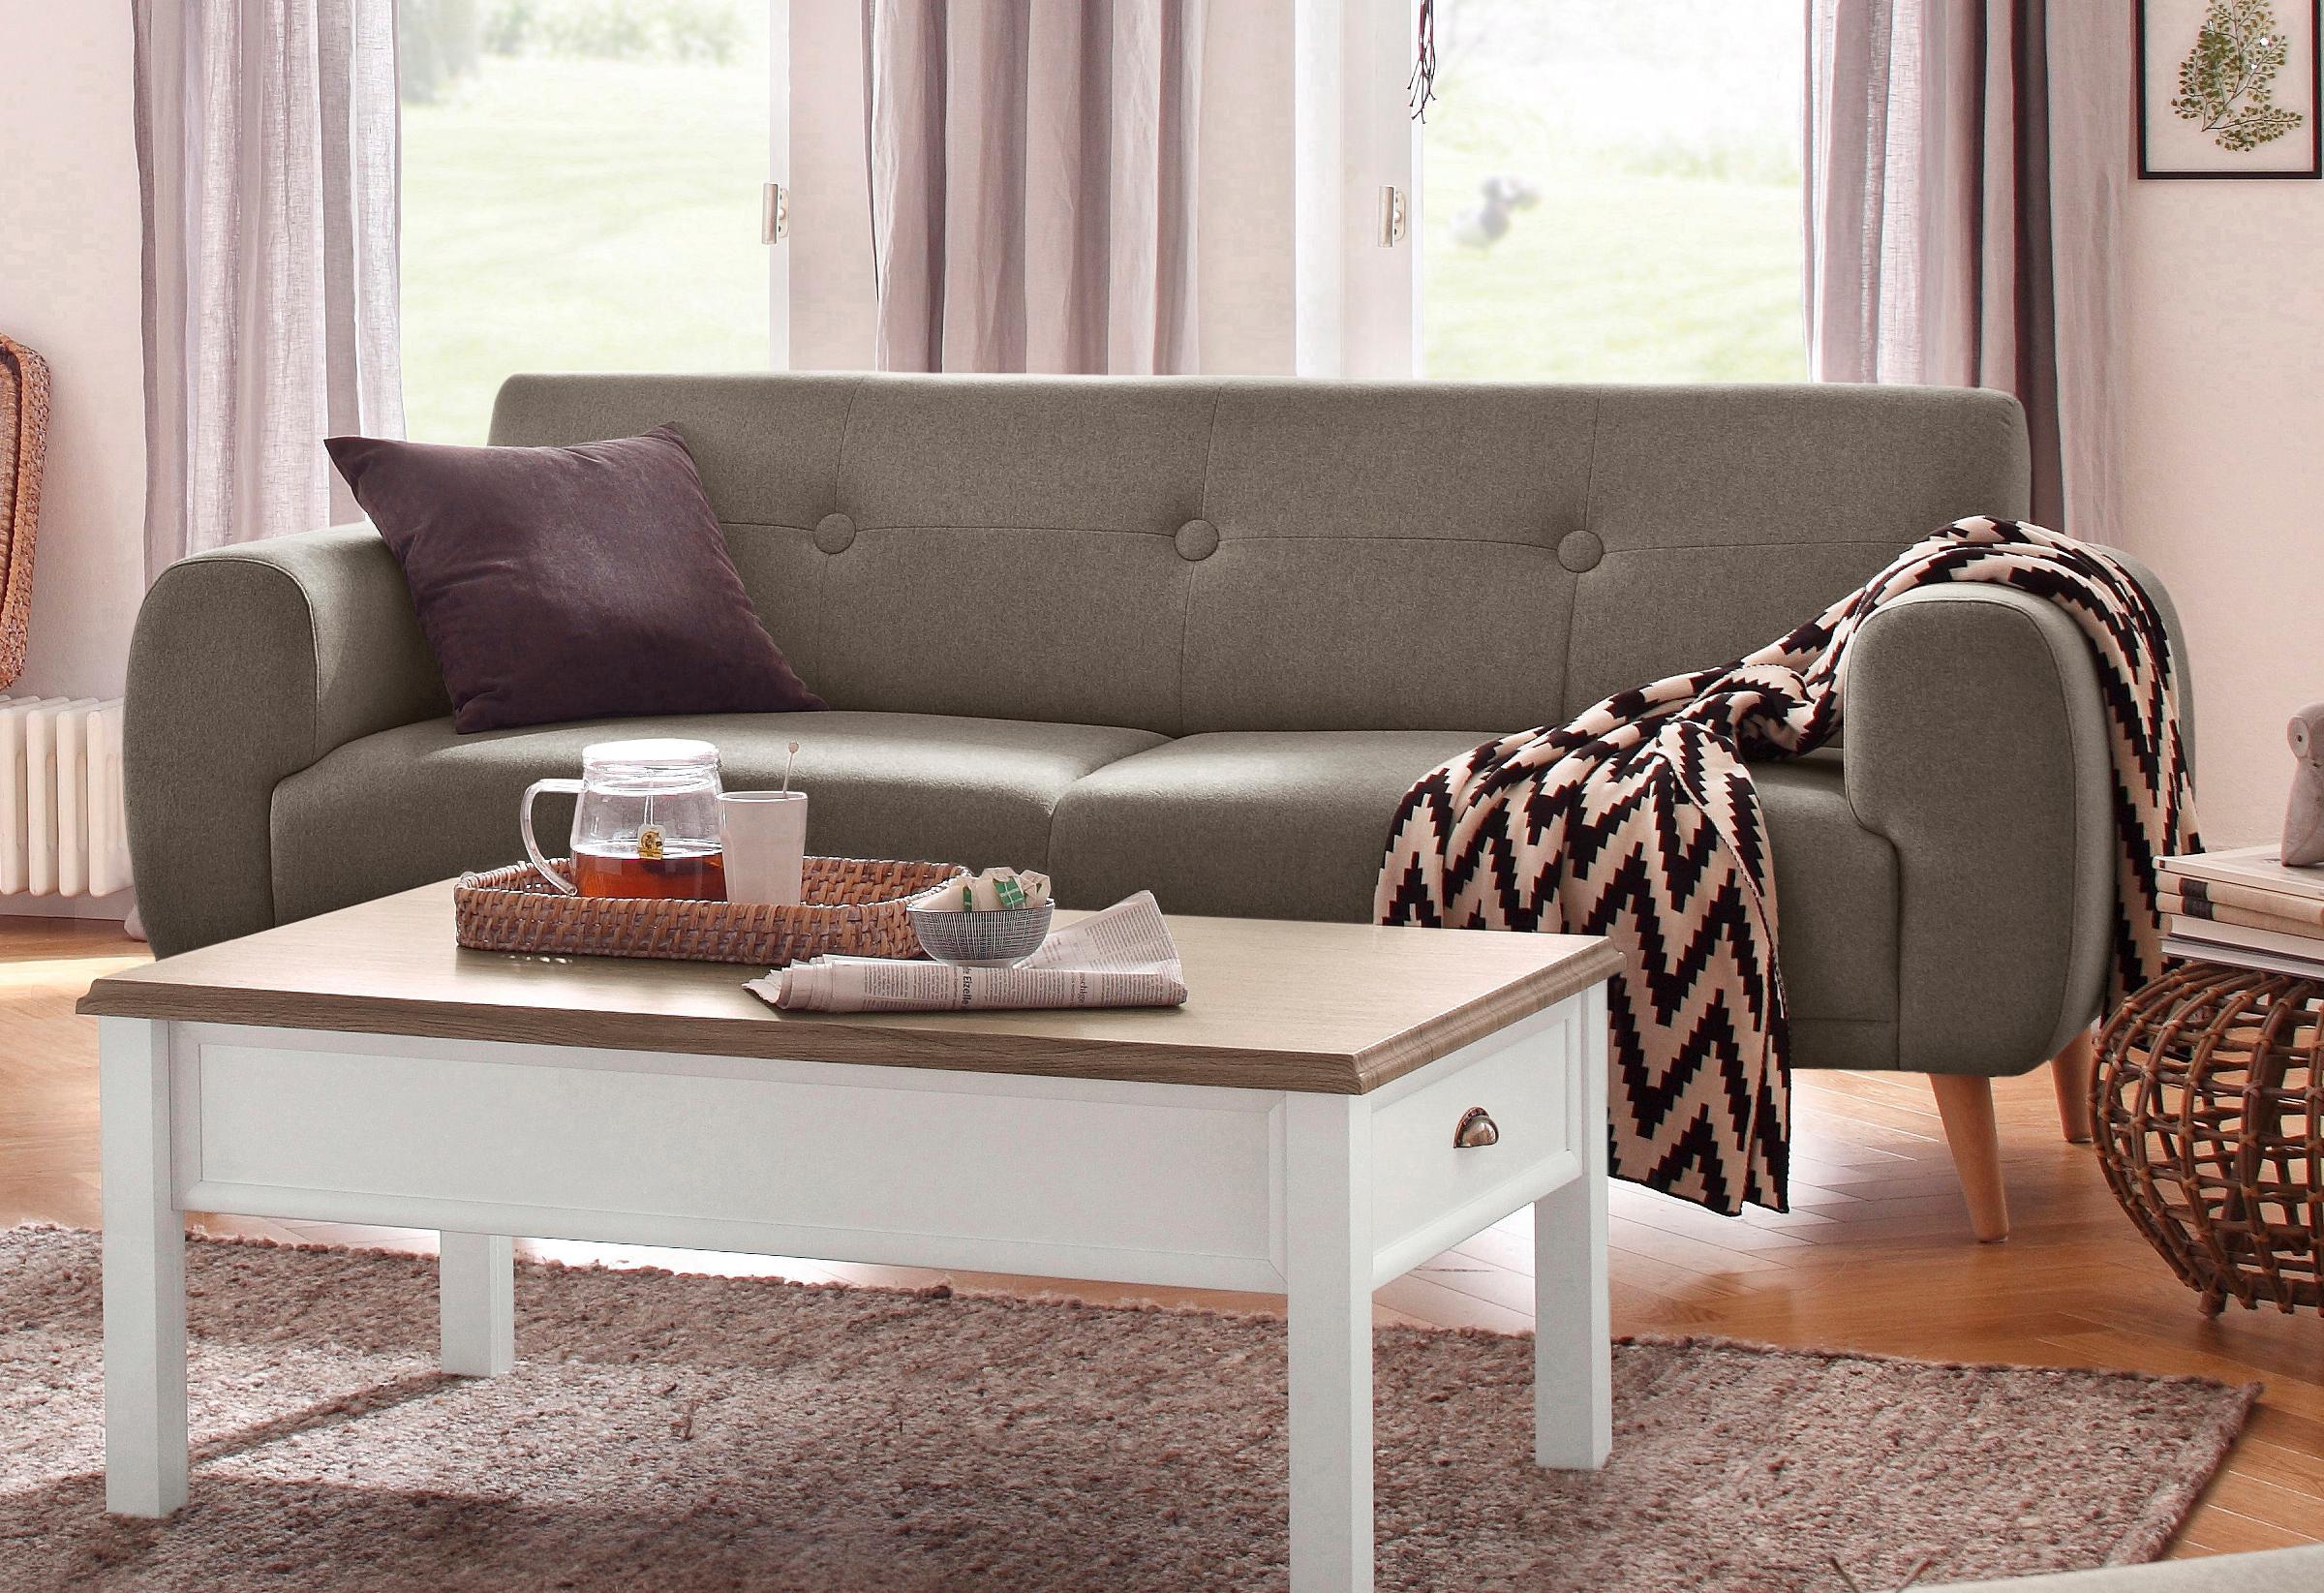 Home affaire 3-Sitzer »Skagen«, mit edler Steppung im Rücken